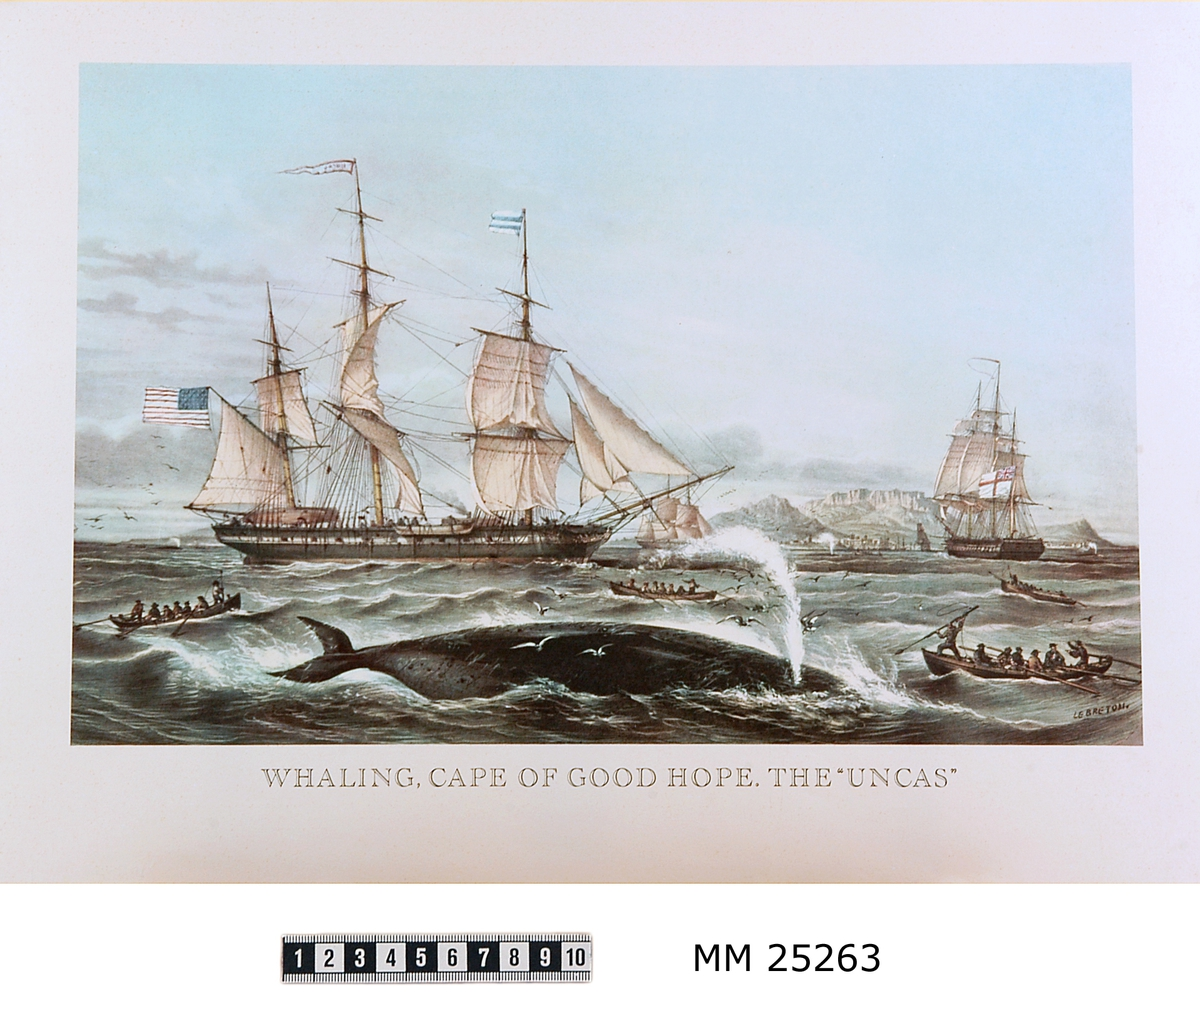 """Färgtryck på papper som visar valjakt vid Godahoppsudden. I förgrunden en val som blåser ut luft och dyker. Runt valen män i små roddbätar med harpunerare i fören. I bakgrunden tre större segelfartyg, ett med amerikansk flagg, ett med brittisk dito och det tredje oidentifierat. Bakom segelfartygen syns klippor vid Sydafrikas kust. Text under motivet: Whaling, Cape of Good Hope. The 'Uncas'."""" Signerad i nedre högra hörnet """"LEBRETON""""."""